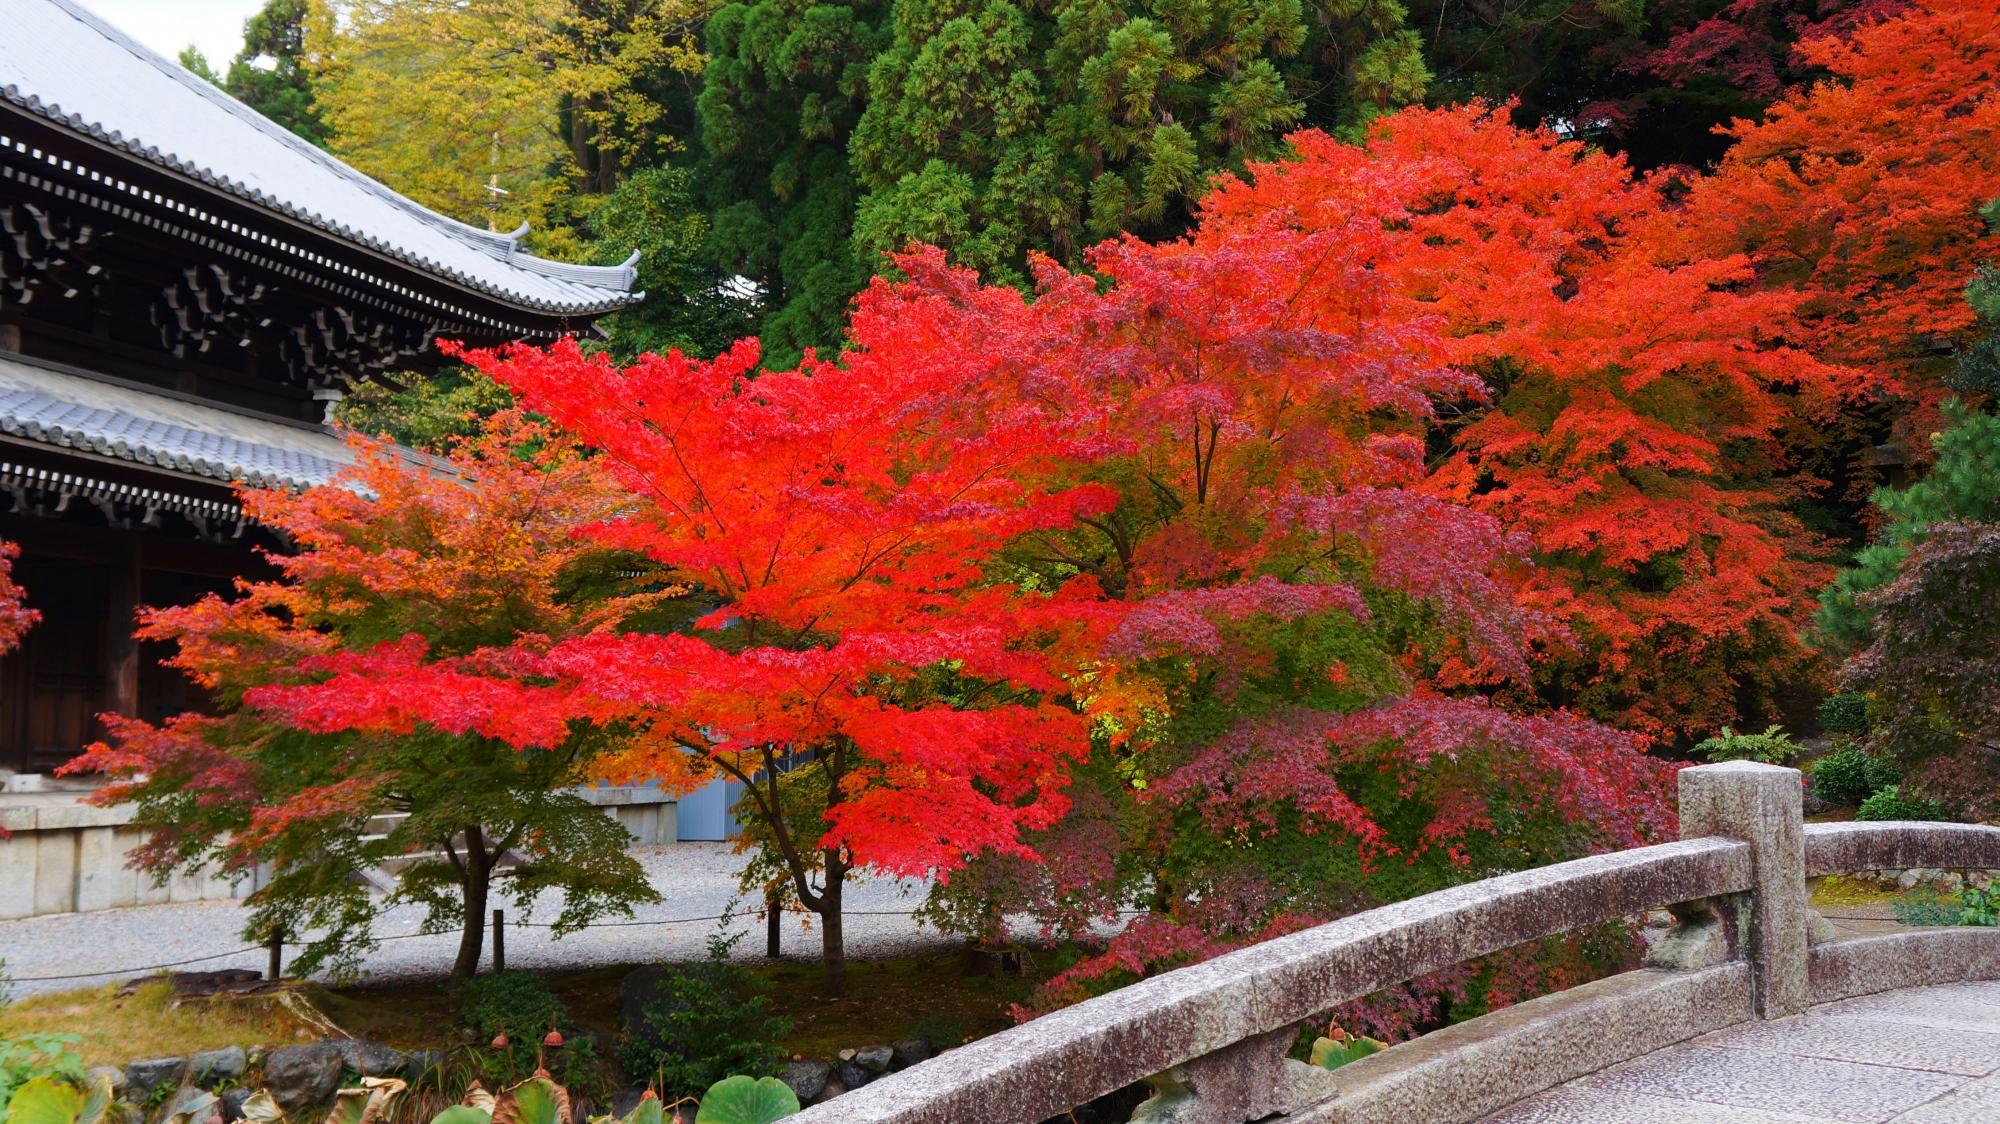 知恩院の納骨堂や経蔵の素晴らしい紅葉と秋の情景